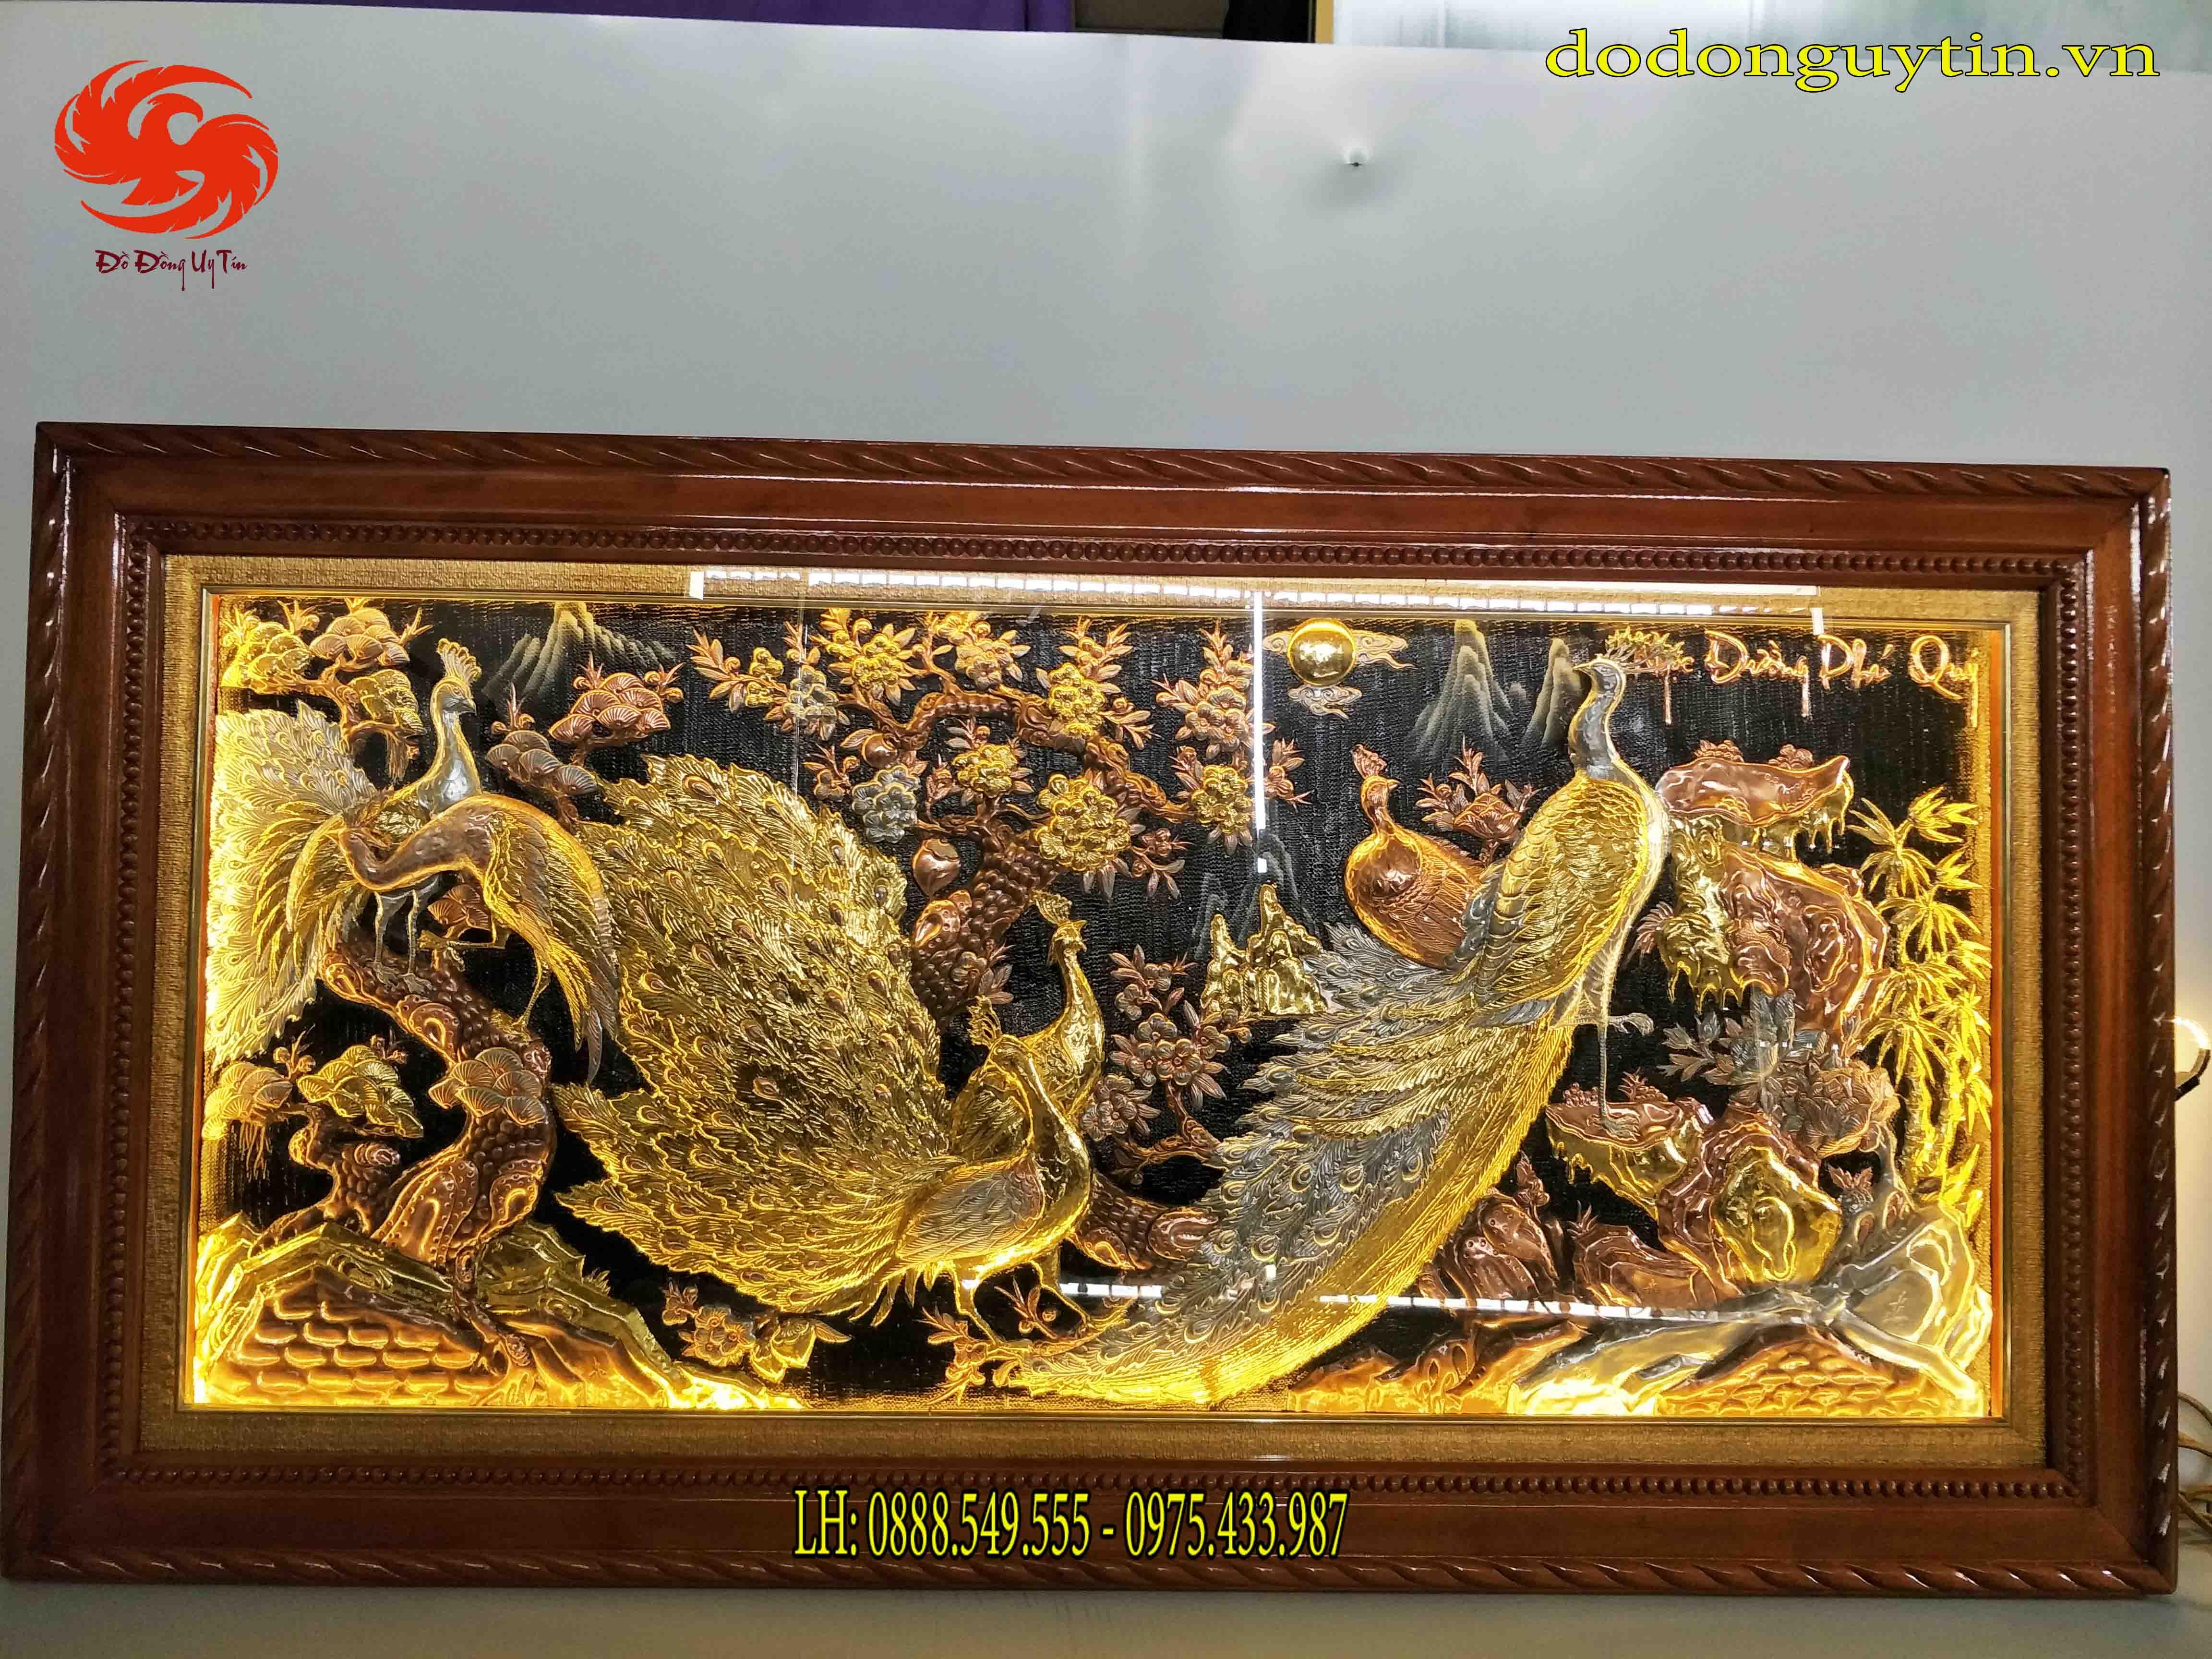 tranh đồng ngọc đường phú quý dát vàng